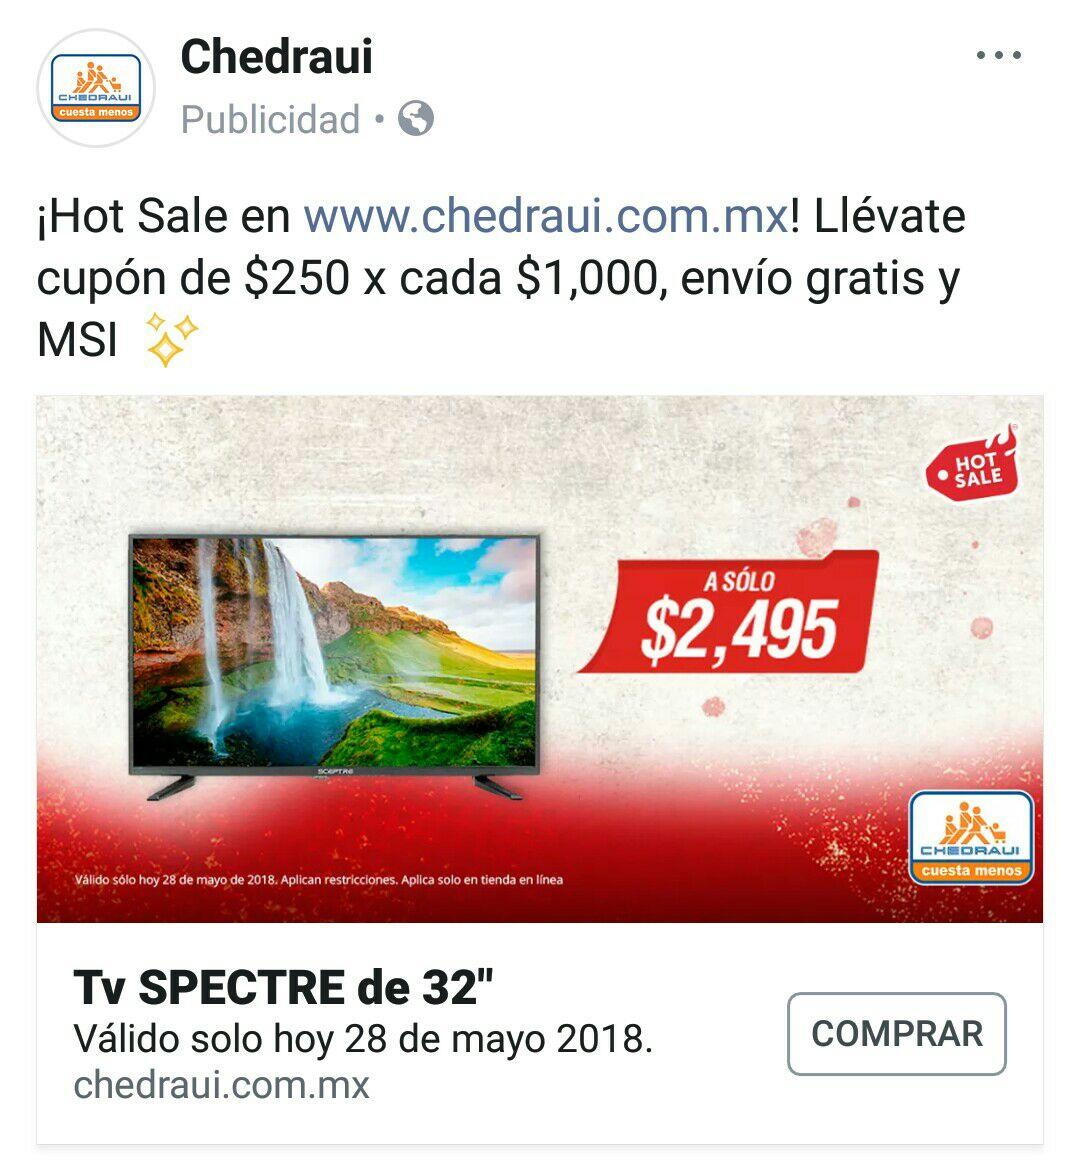 """Hot Sale 2018 en Chedraui: Pantalla Spectre 32"""" $1,995 con Bancomer + $500 de bonificación en cupones"""